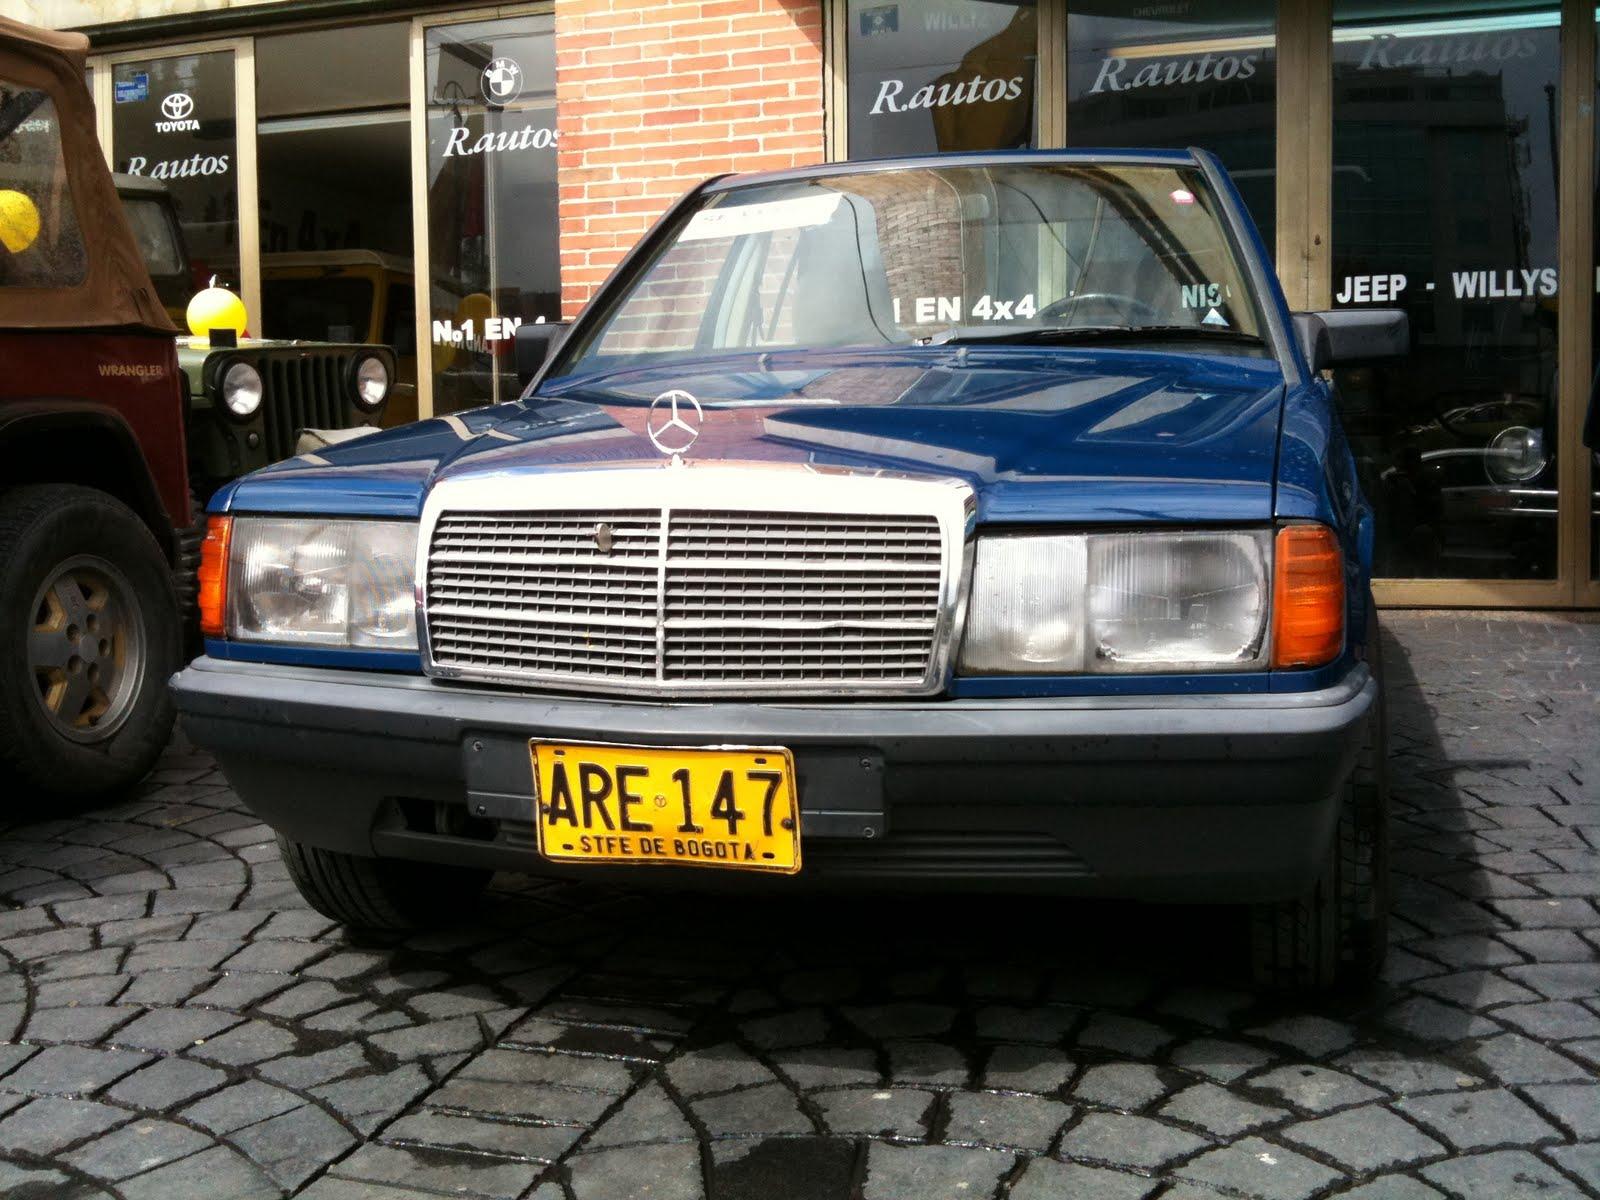 4x4 mercedes benz 190 e modelo 85 for Mercedes benz modelos